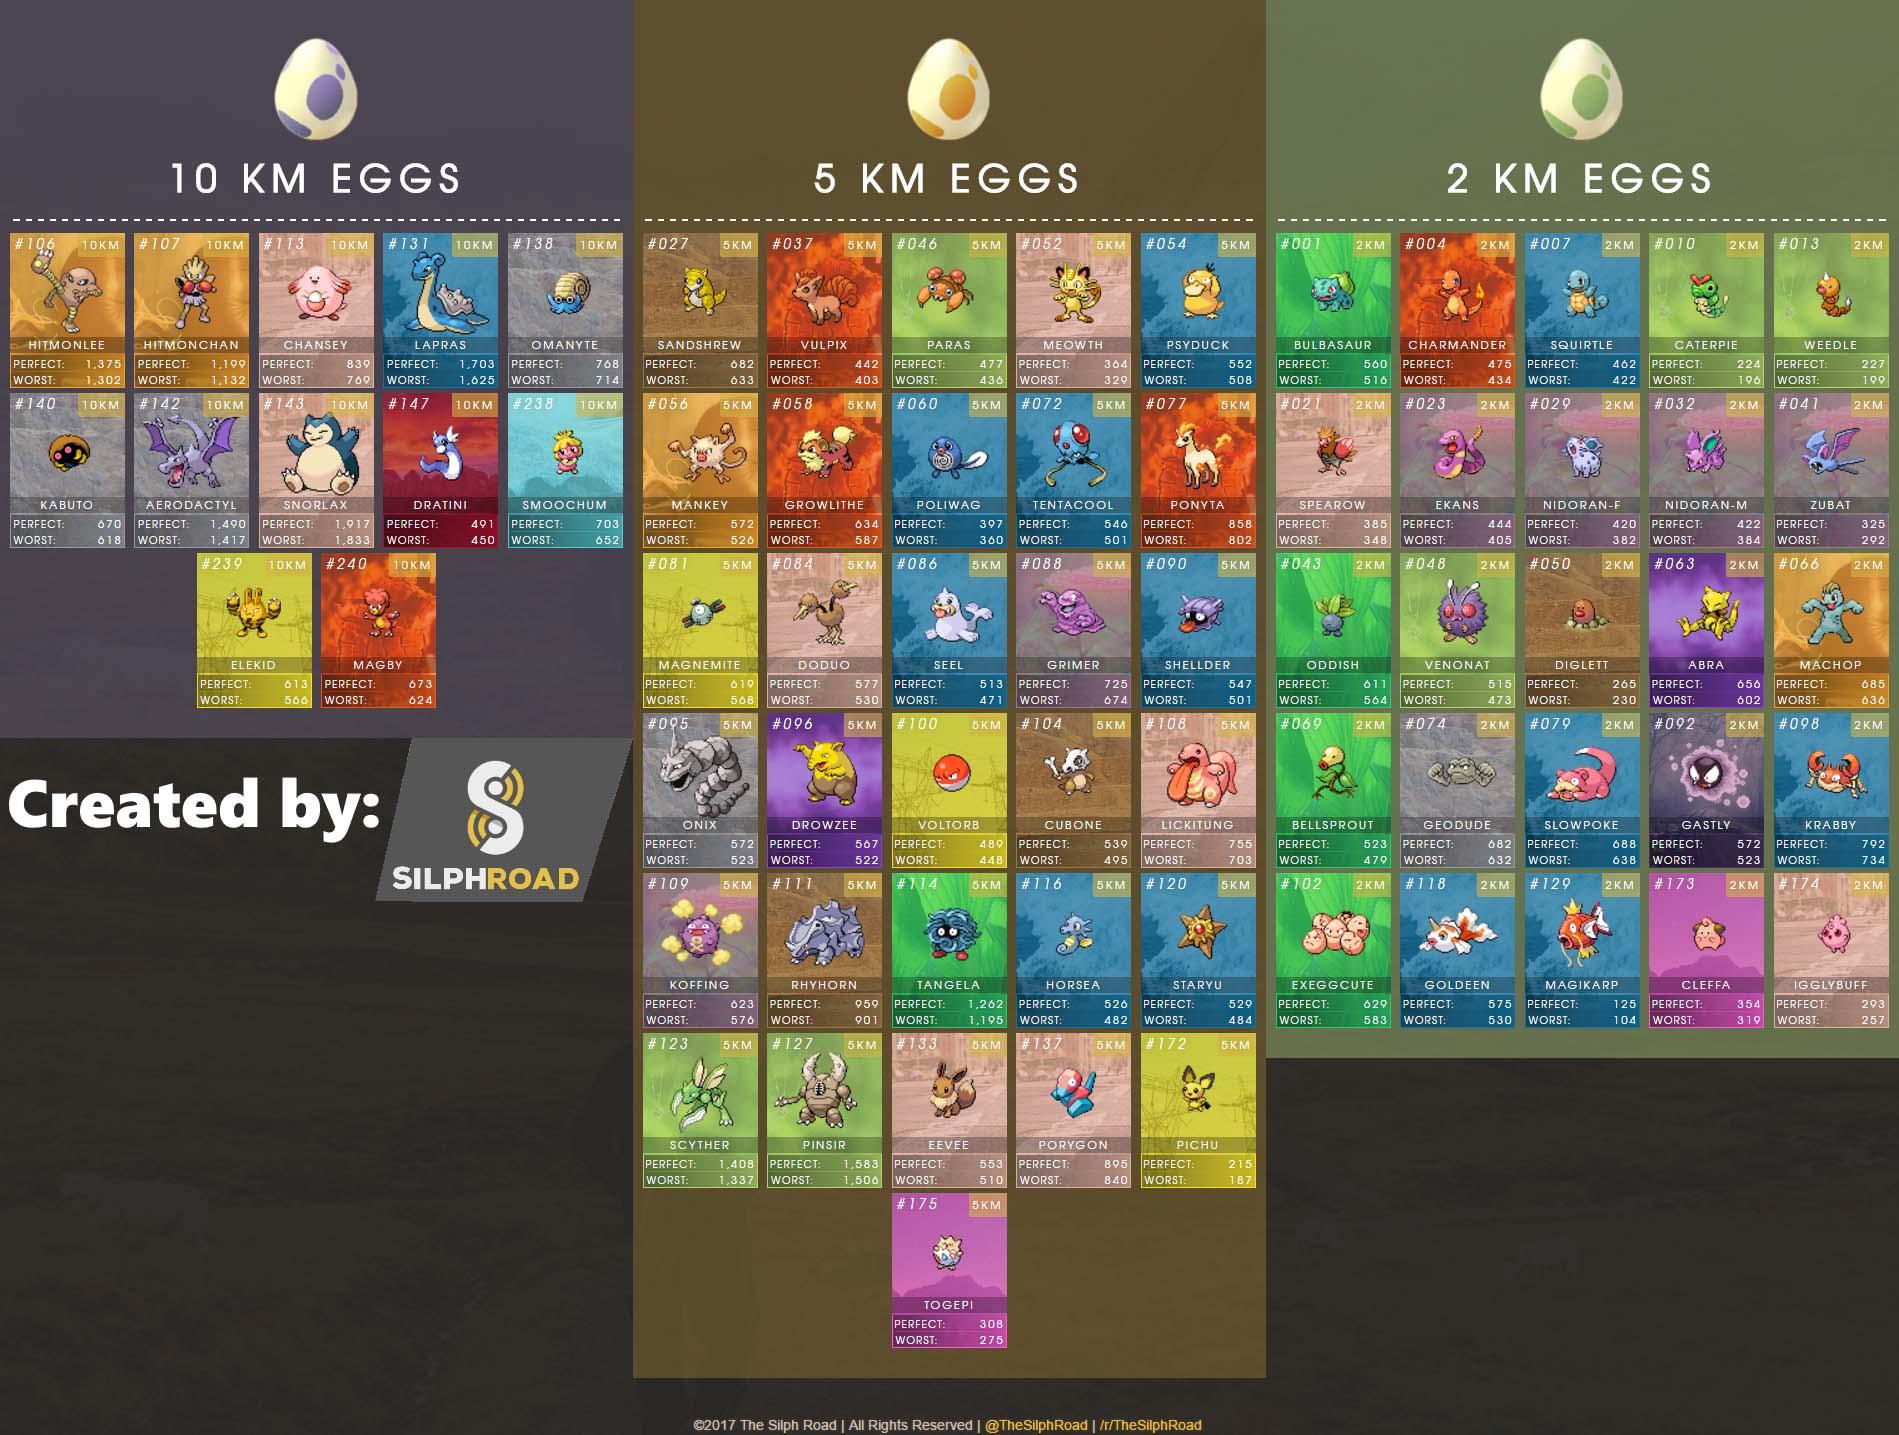 Liste Der Verseuchten Eier